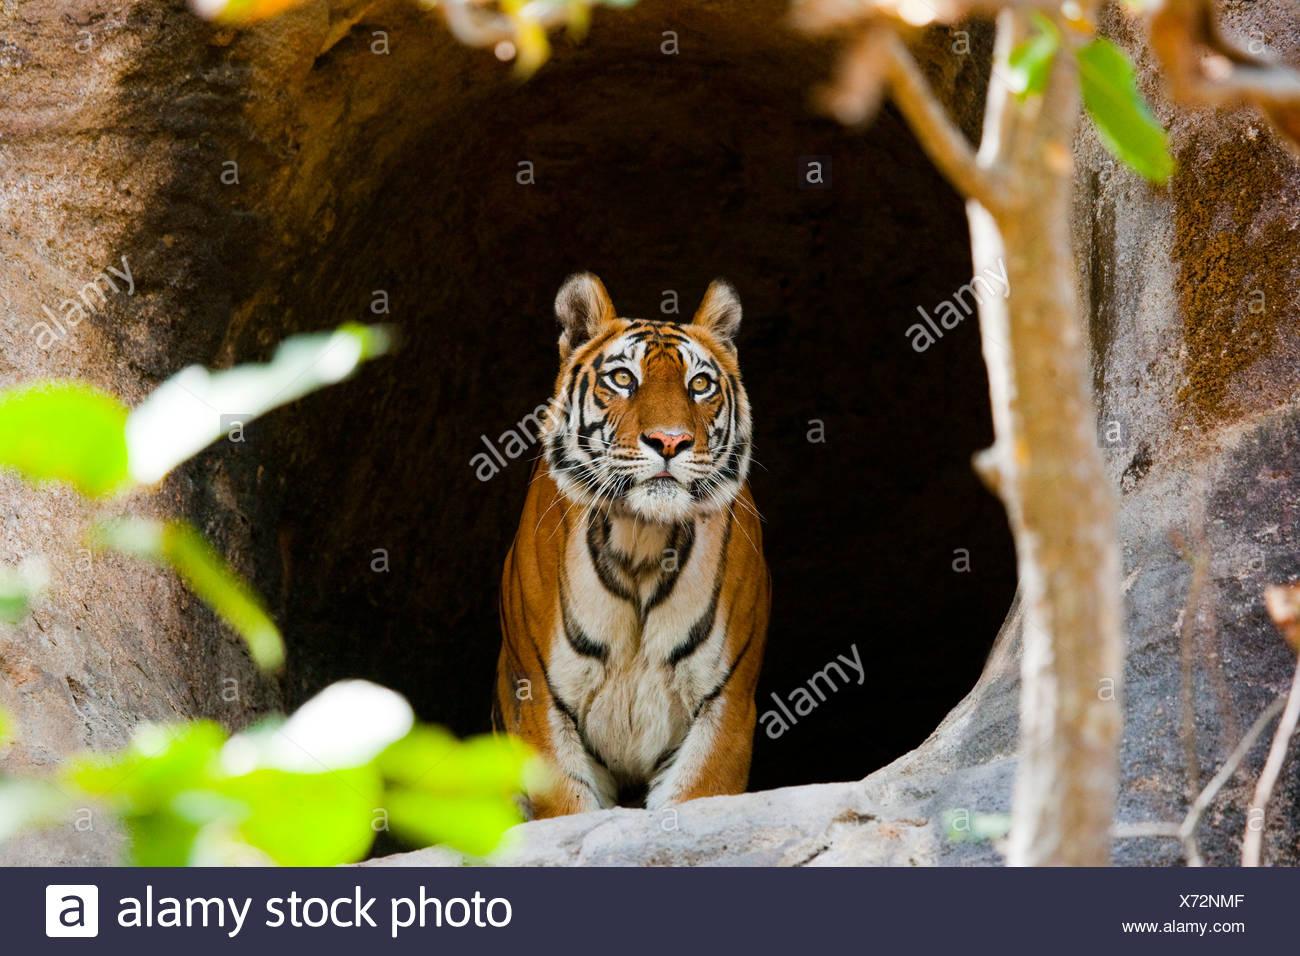 Tigre del Bengala, Bandhavgarh National Park, Madhya Pradesh, India Immagini Stock